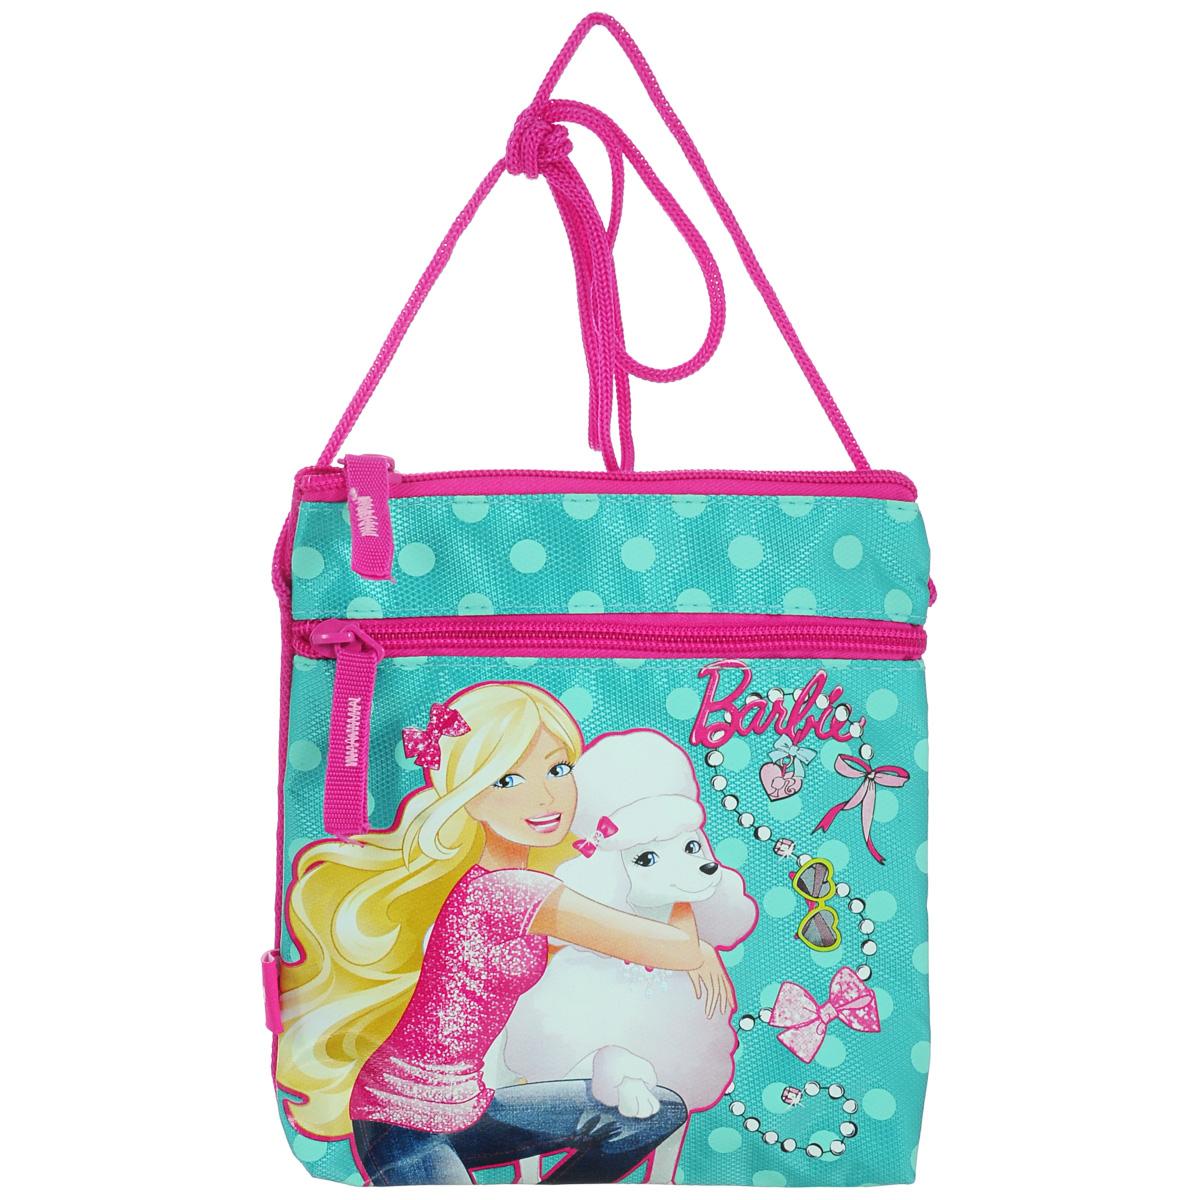 Сумка детская на плечо Barbie, цвет: бирюзовый, розовыйBRAP-UT-481Детская сумка Barbie выполнена из прочного полиэстера и оформлена термоаппликацией с изображением Барби, обнимающей белого пуделя. Сумочка содержит одно отделение и закрывается на застежку-молнию. На лицевой стороне расположен прорезной карман на застежке-молнии. Сумочка оснащена шнурком для переноски. Рекомендуемый возраст: от 3 лет.